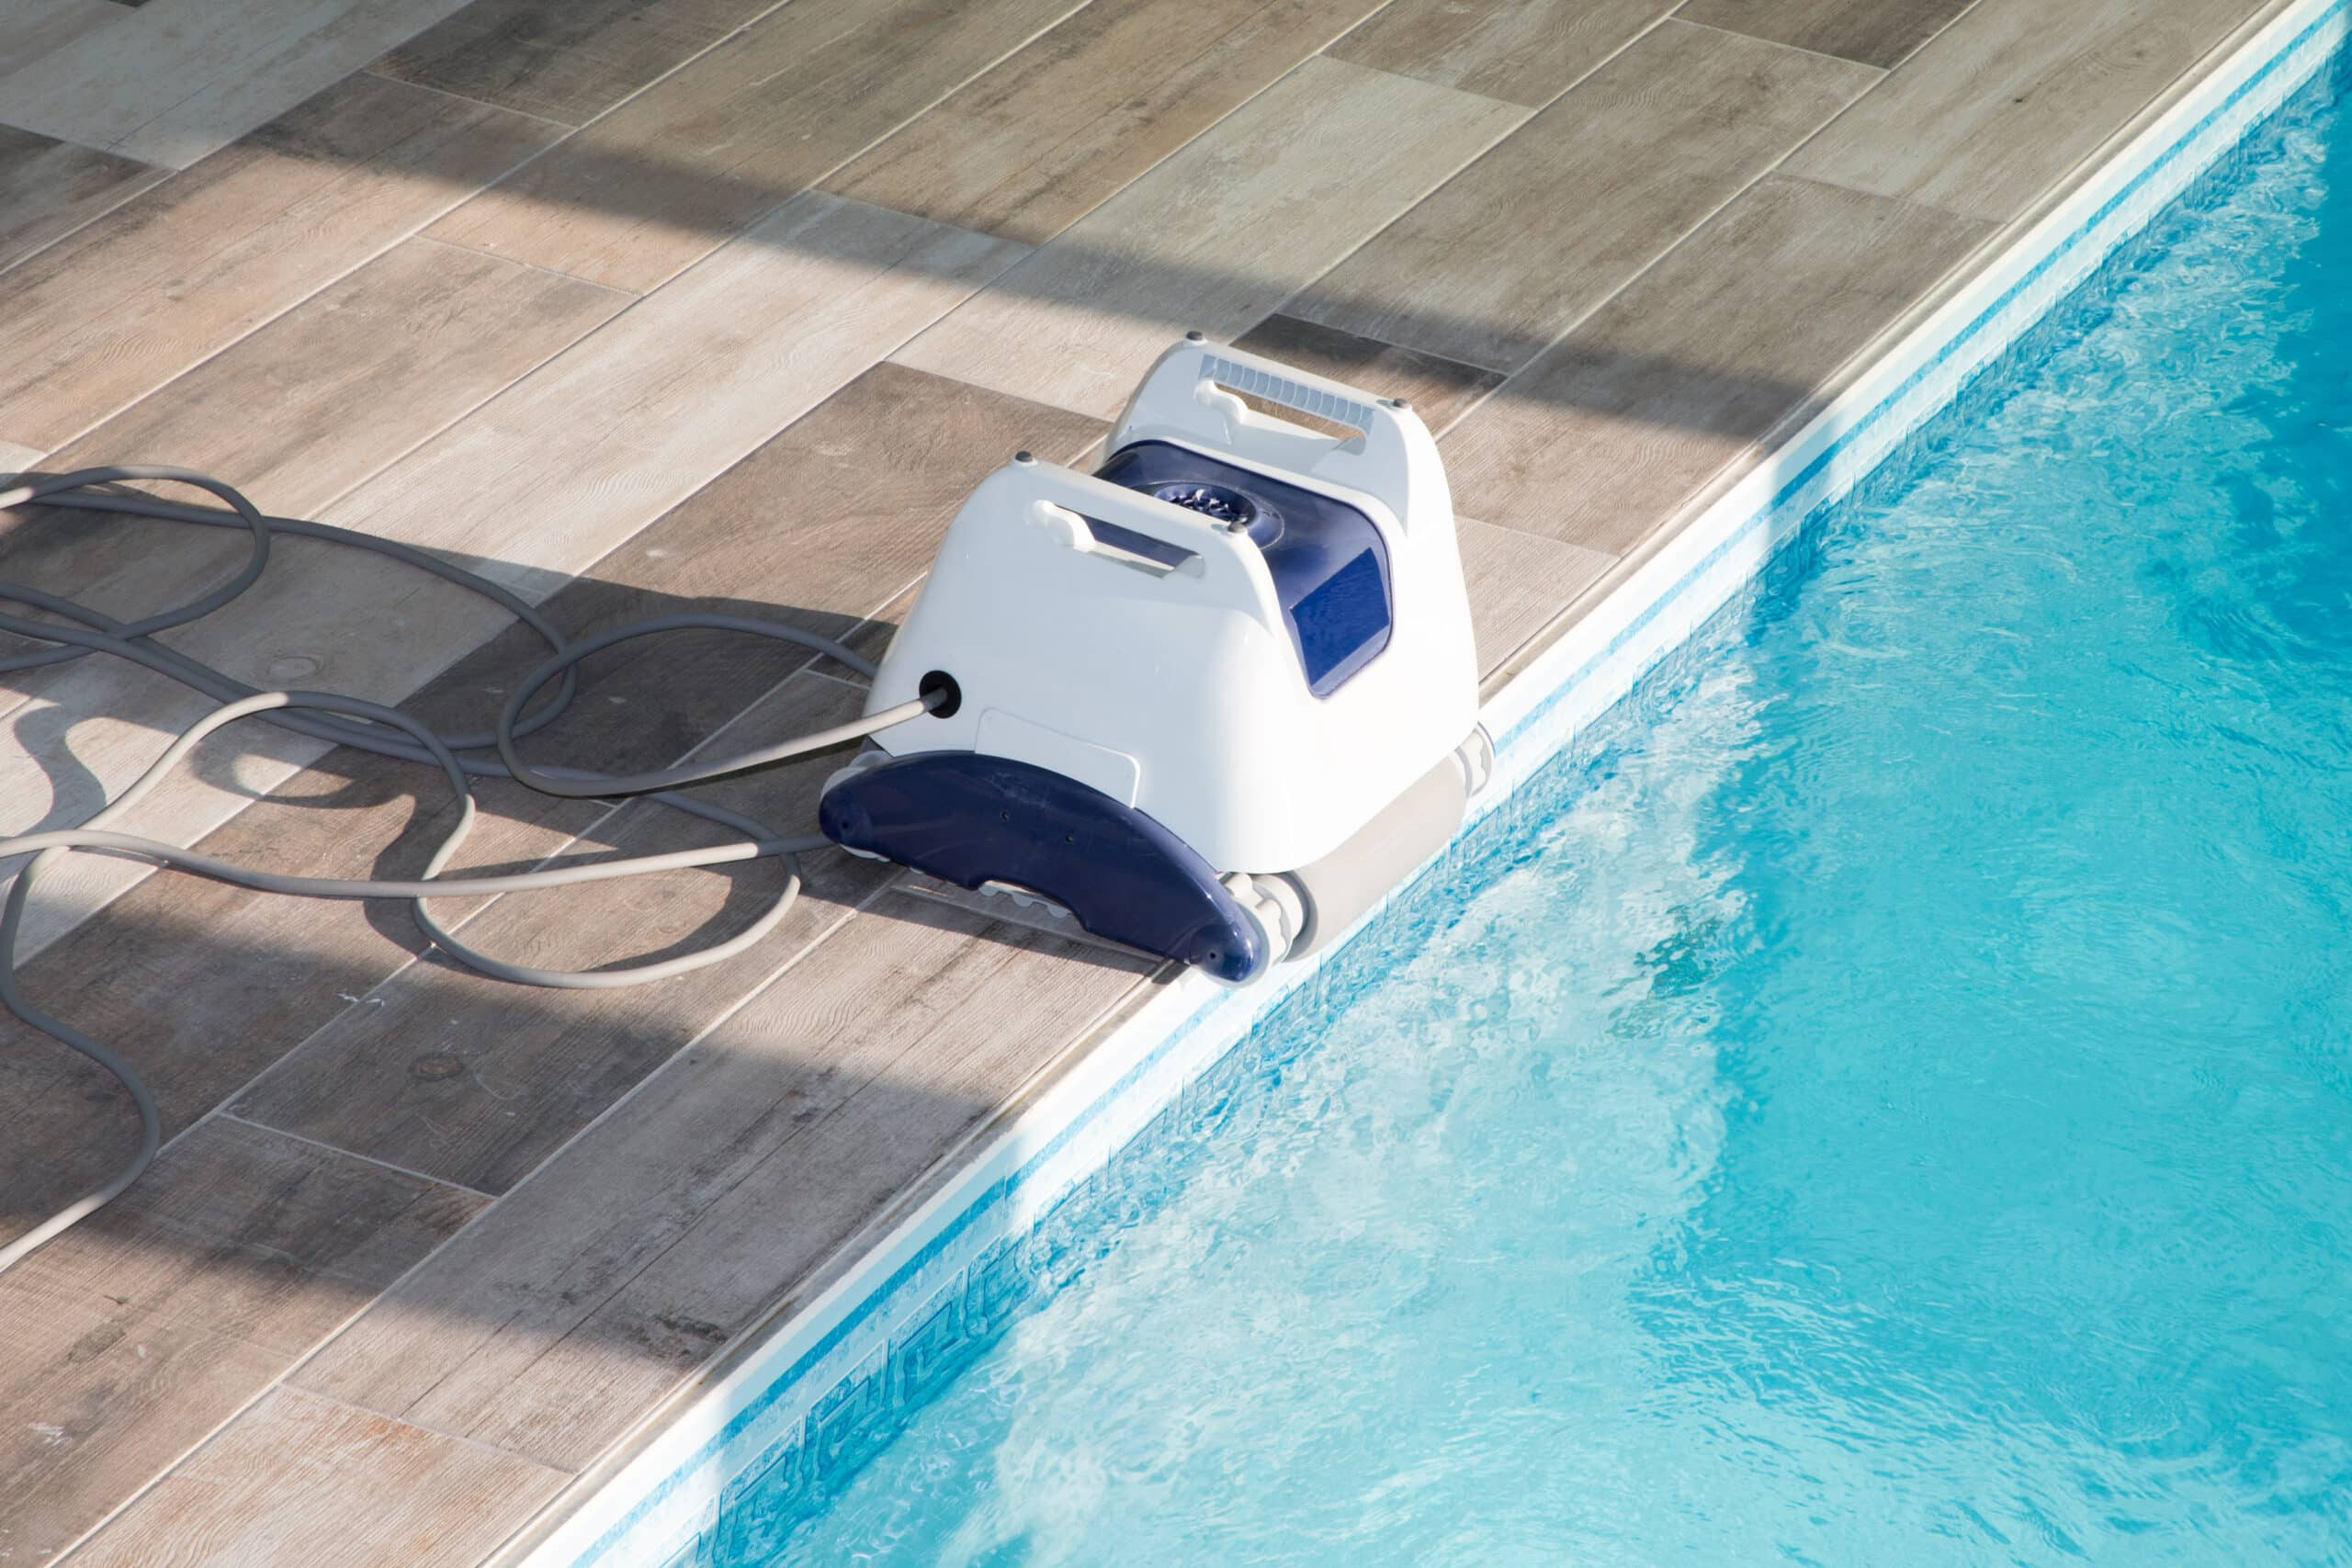 Un robot piscine - C'est vraiment indispensable ?